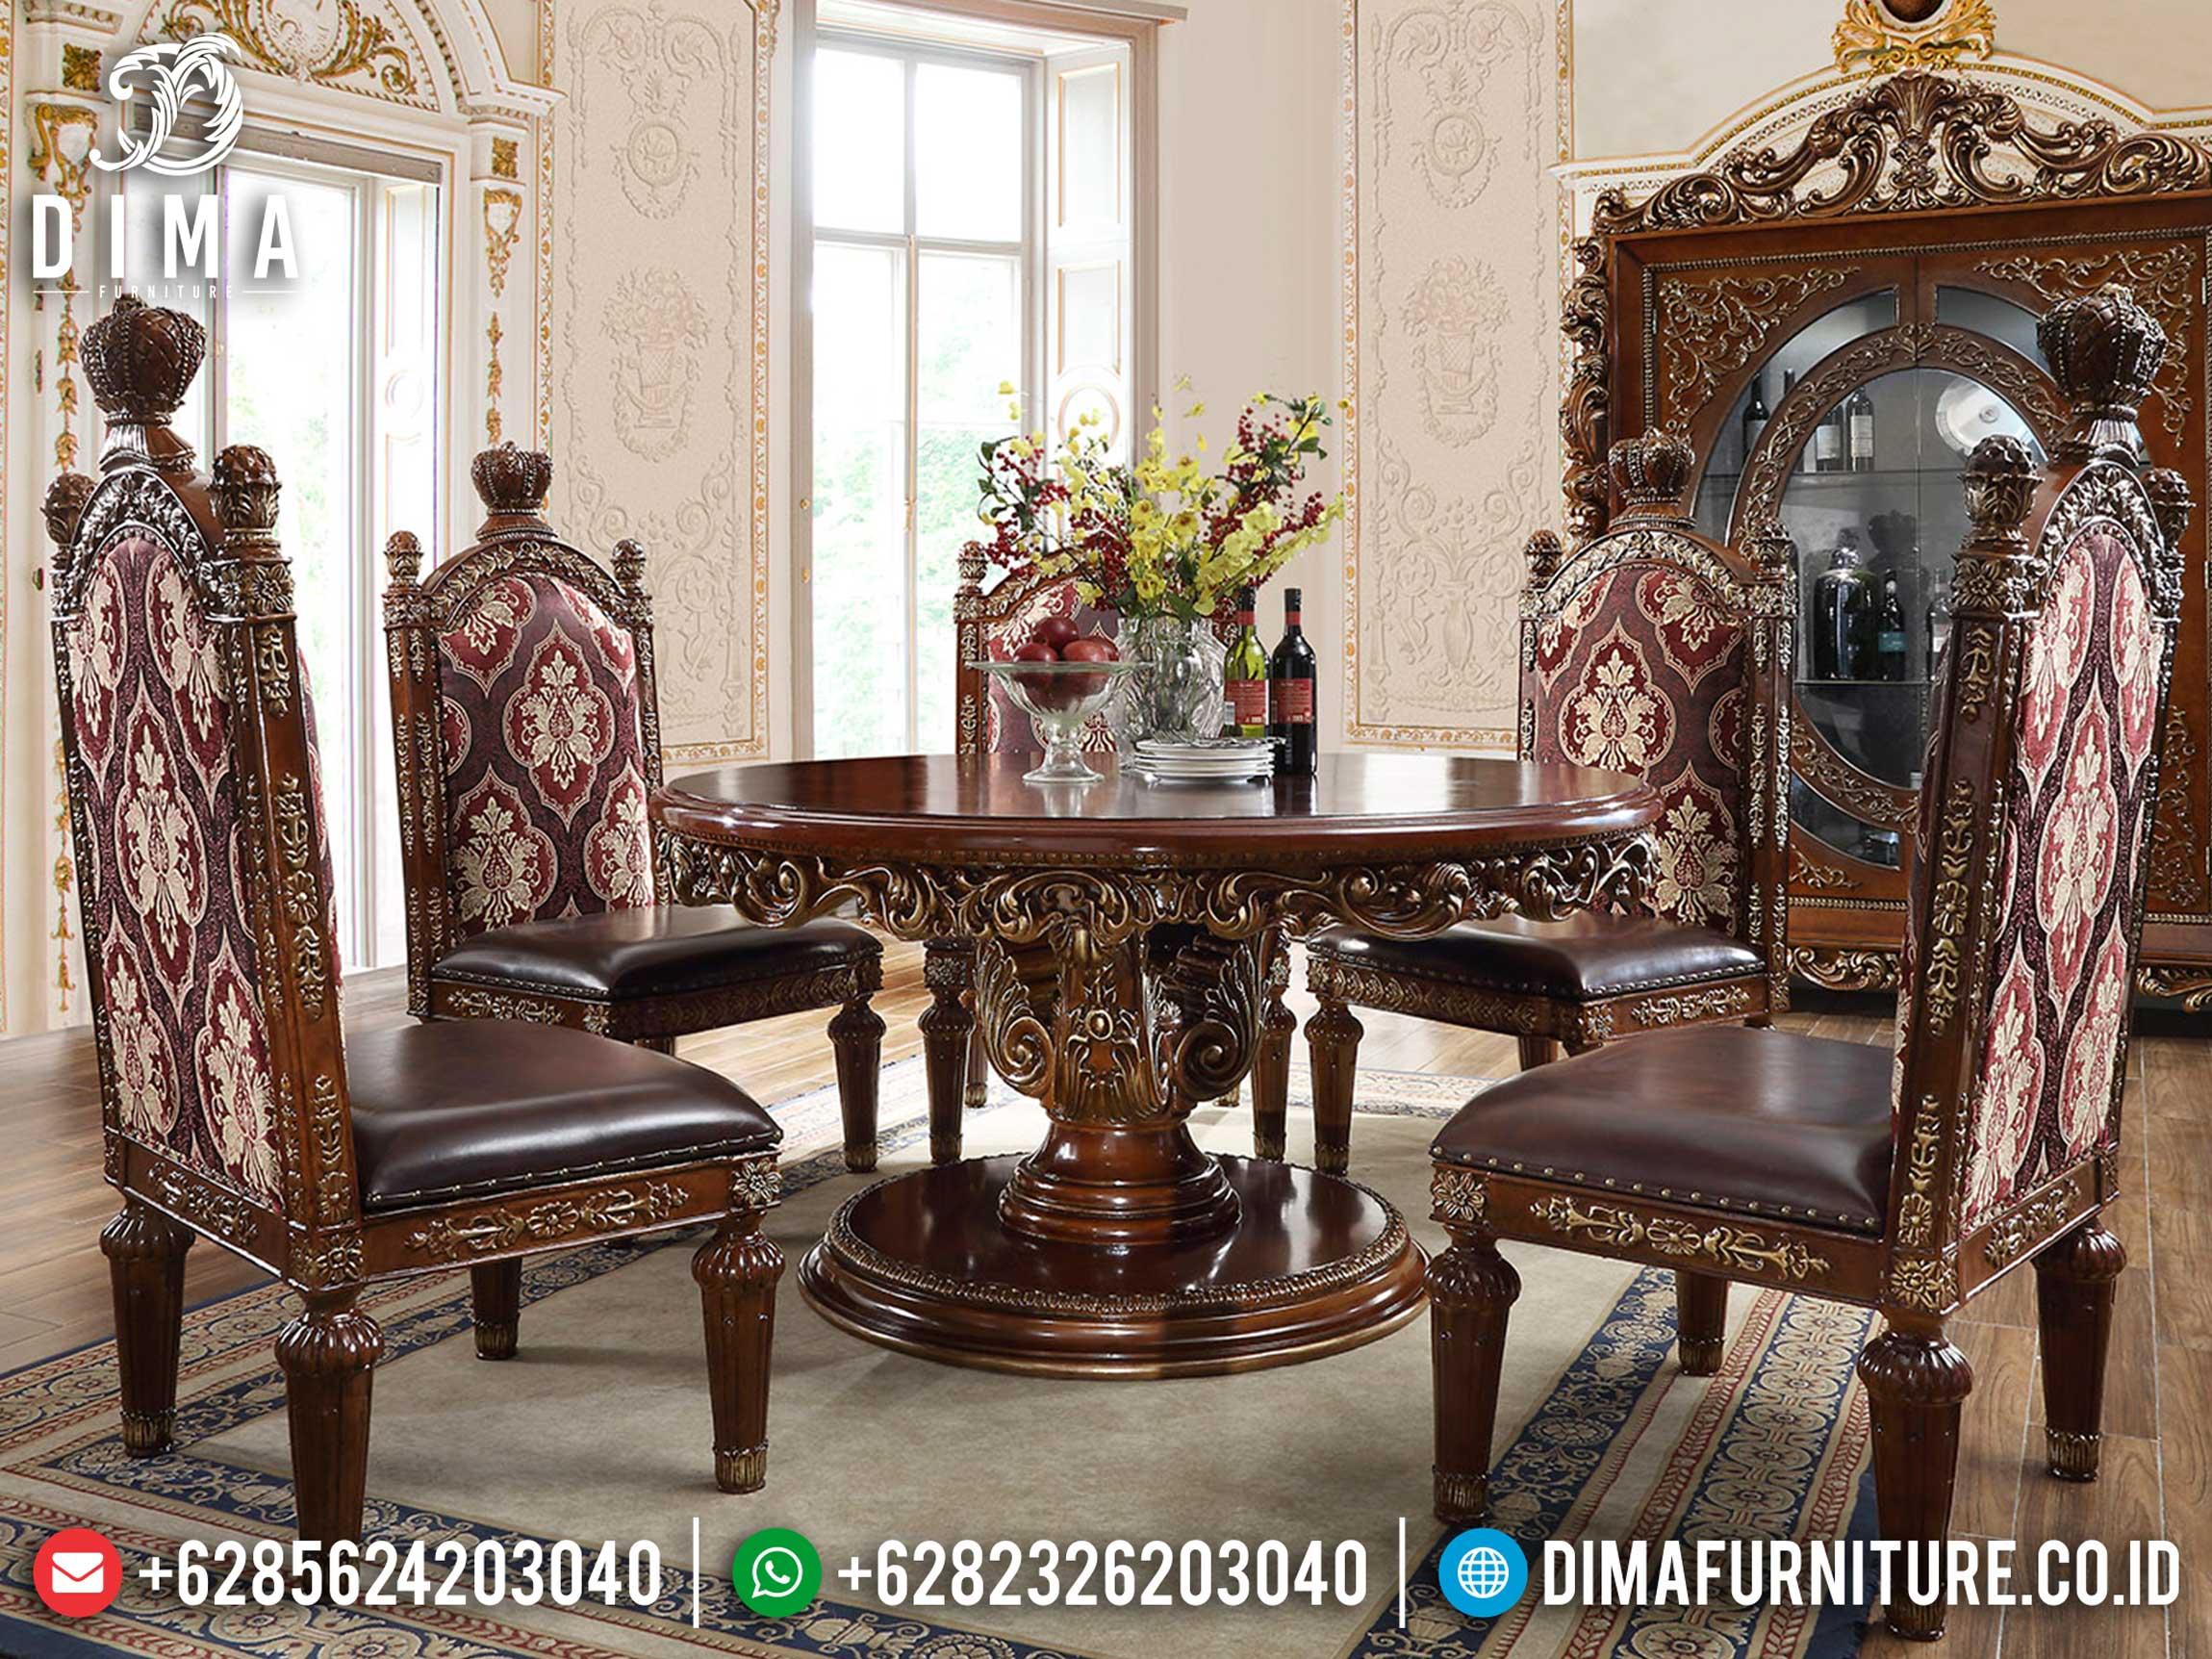 Meja Makan Mewah Bundar Luxury Carving Natural Jati Classic Furniture Jepara ST-0961